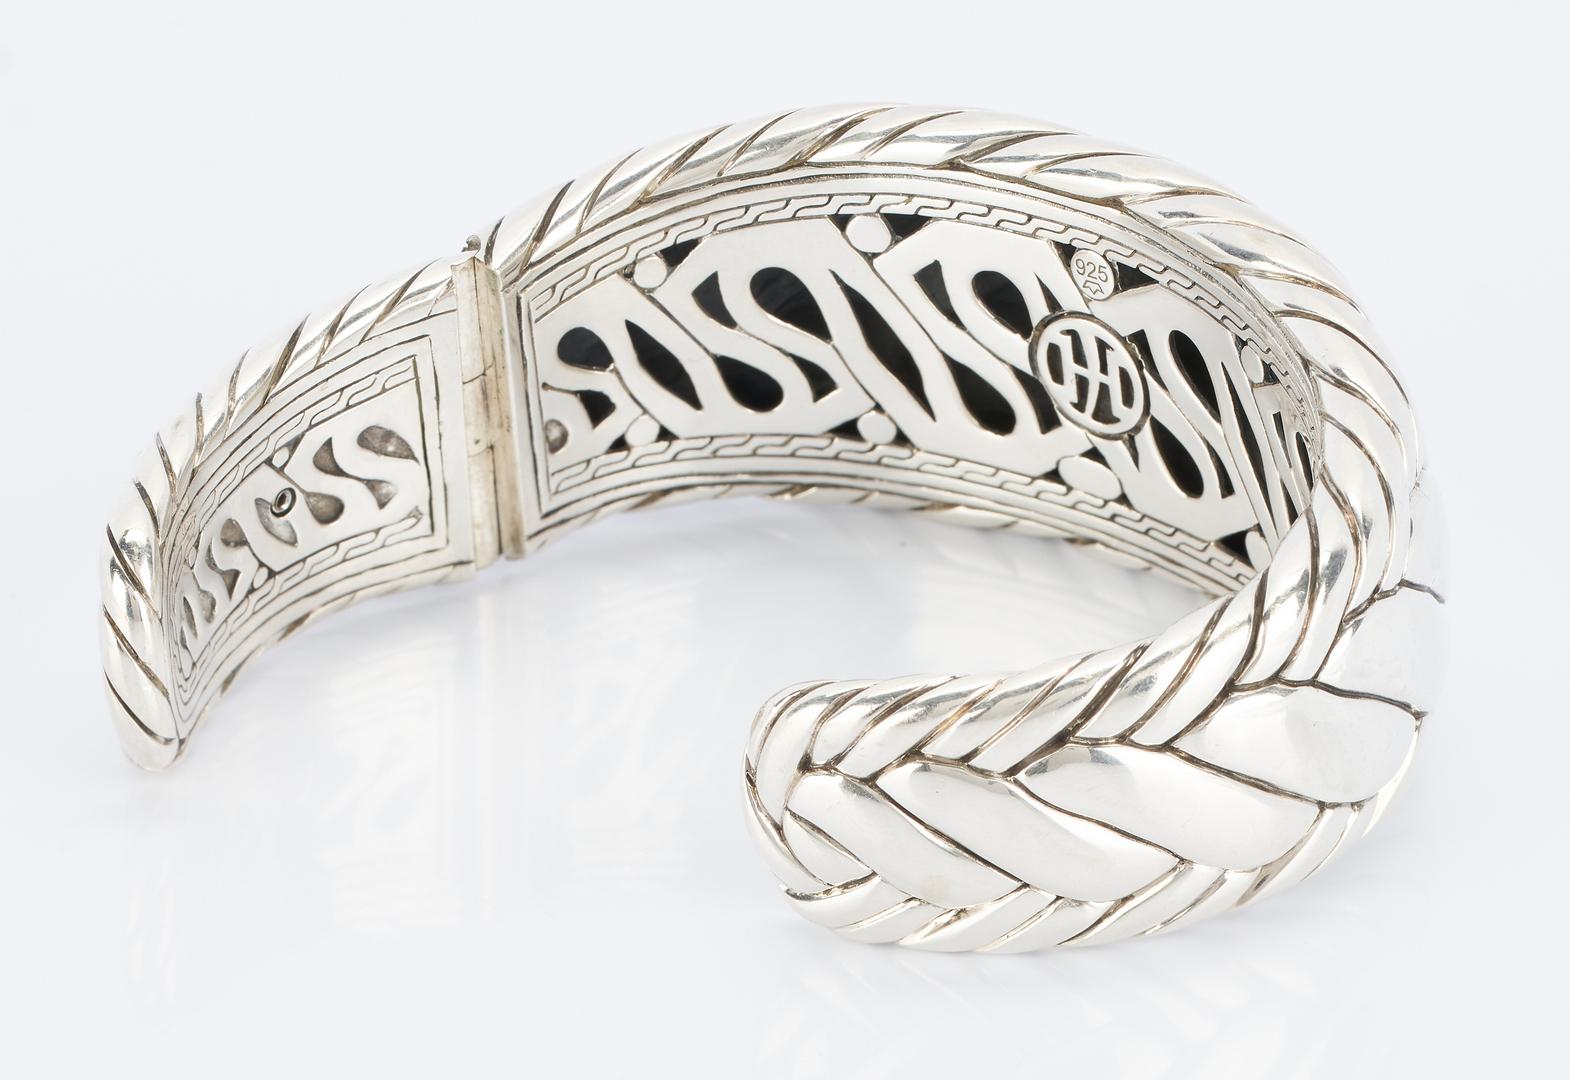 Lot 497: 2 John Hardy Sterling Silver Bracelets